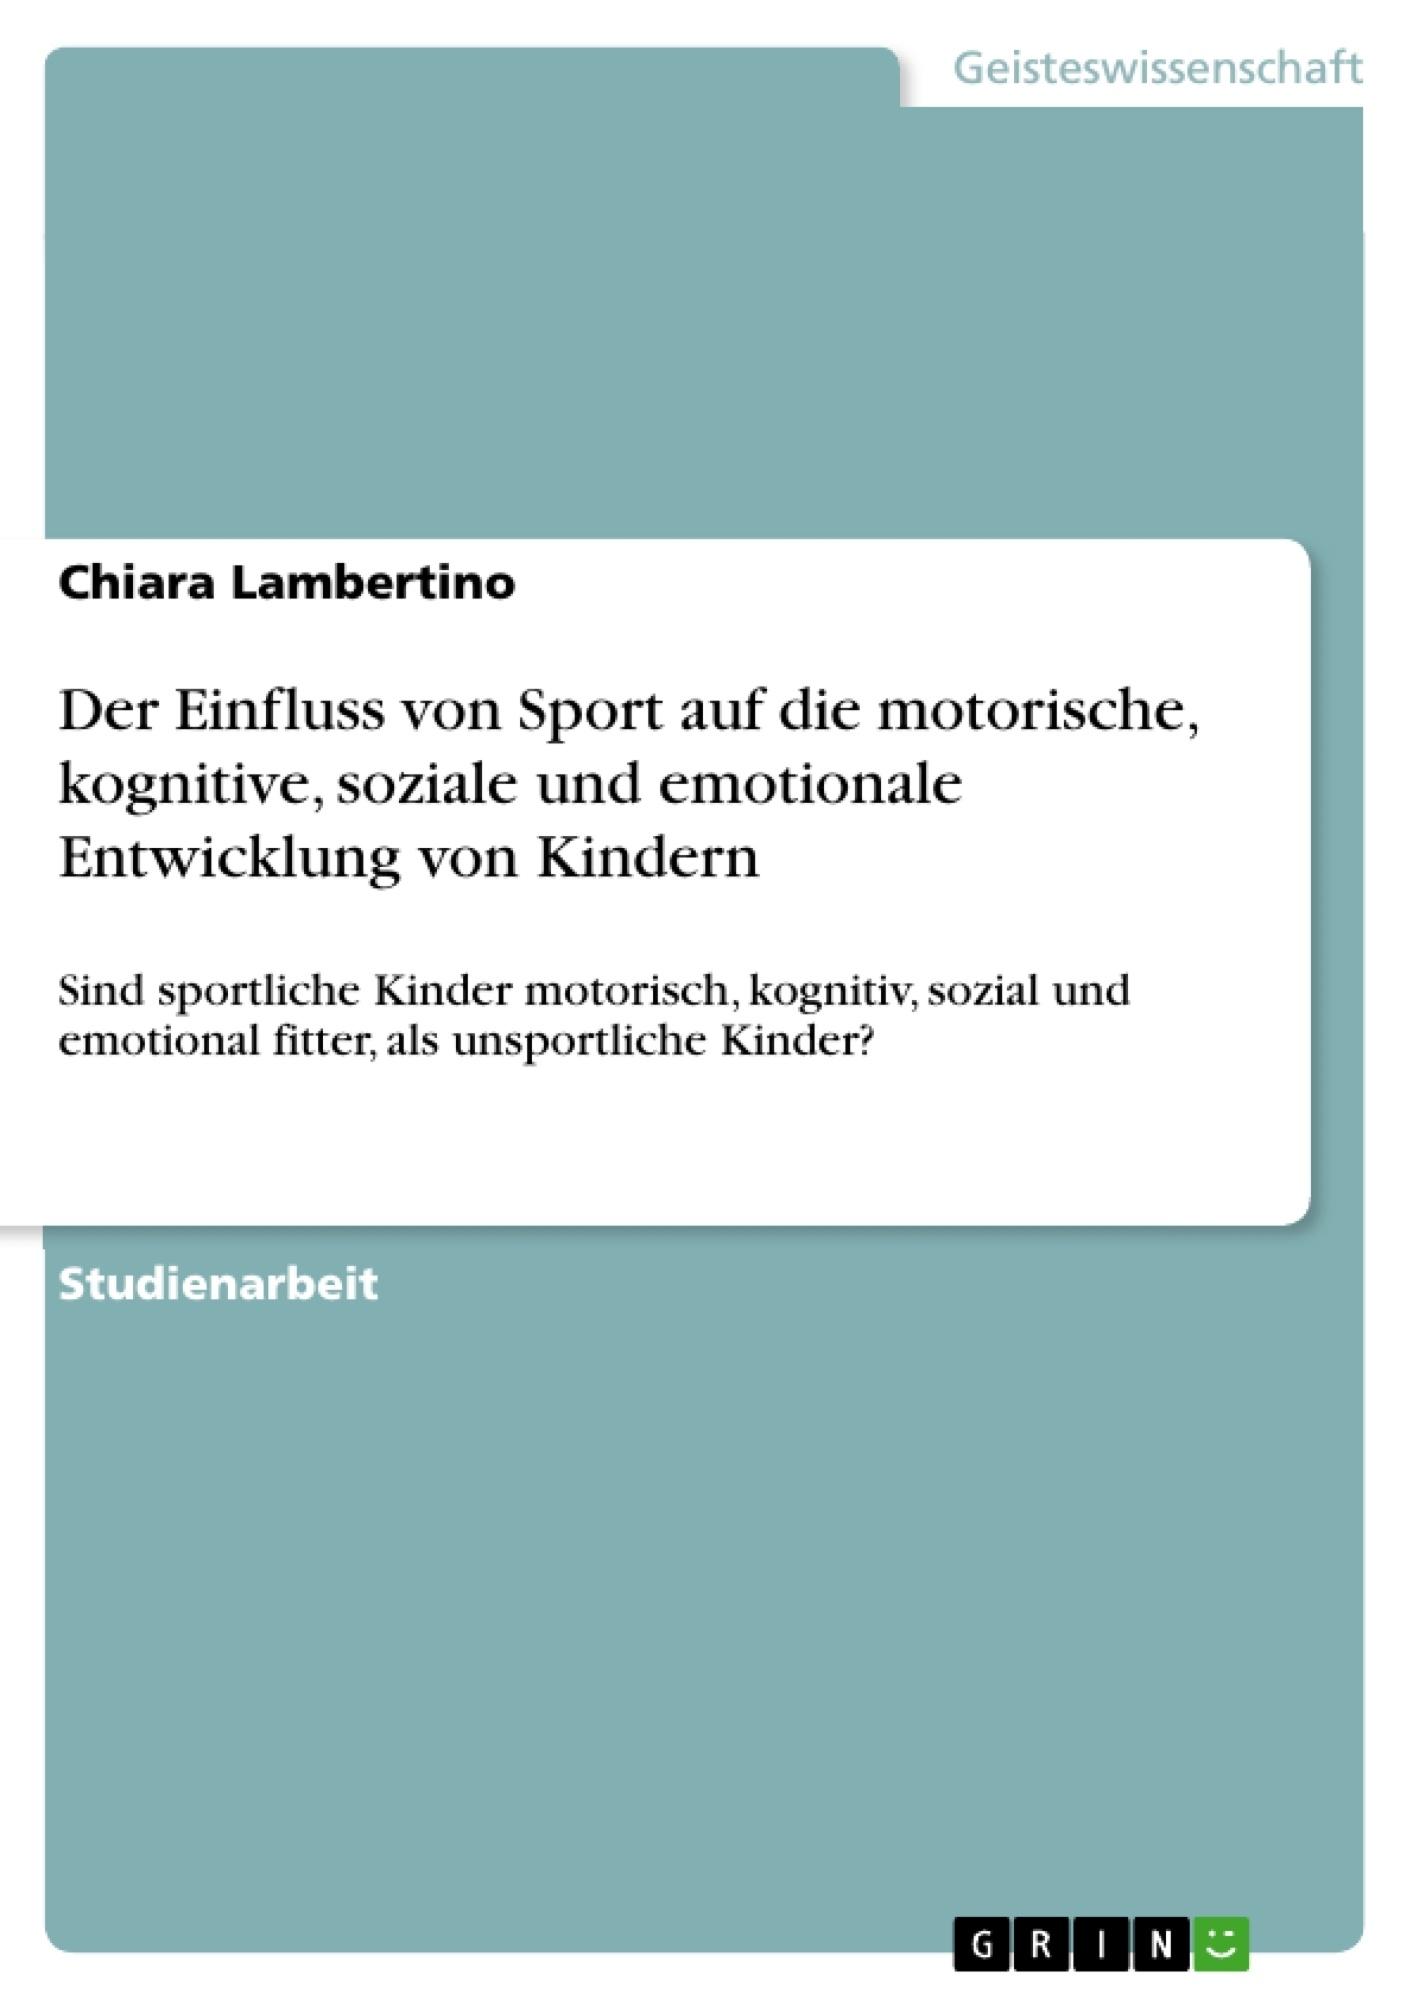 Titel: Der Einfluss von Sport auf die motorische, kognitive, soziale und emotionale Entwicklung von Kindern